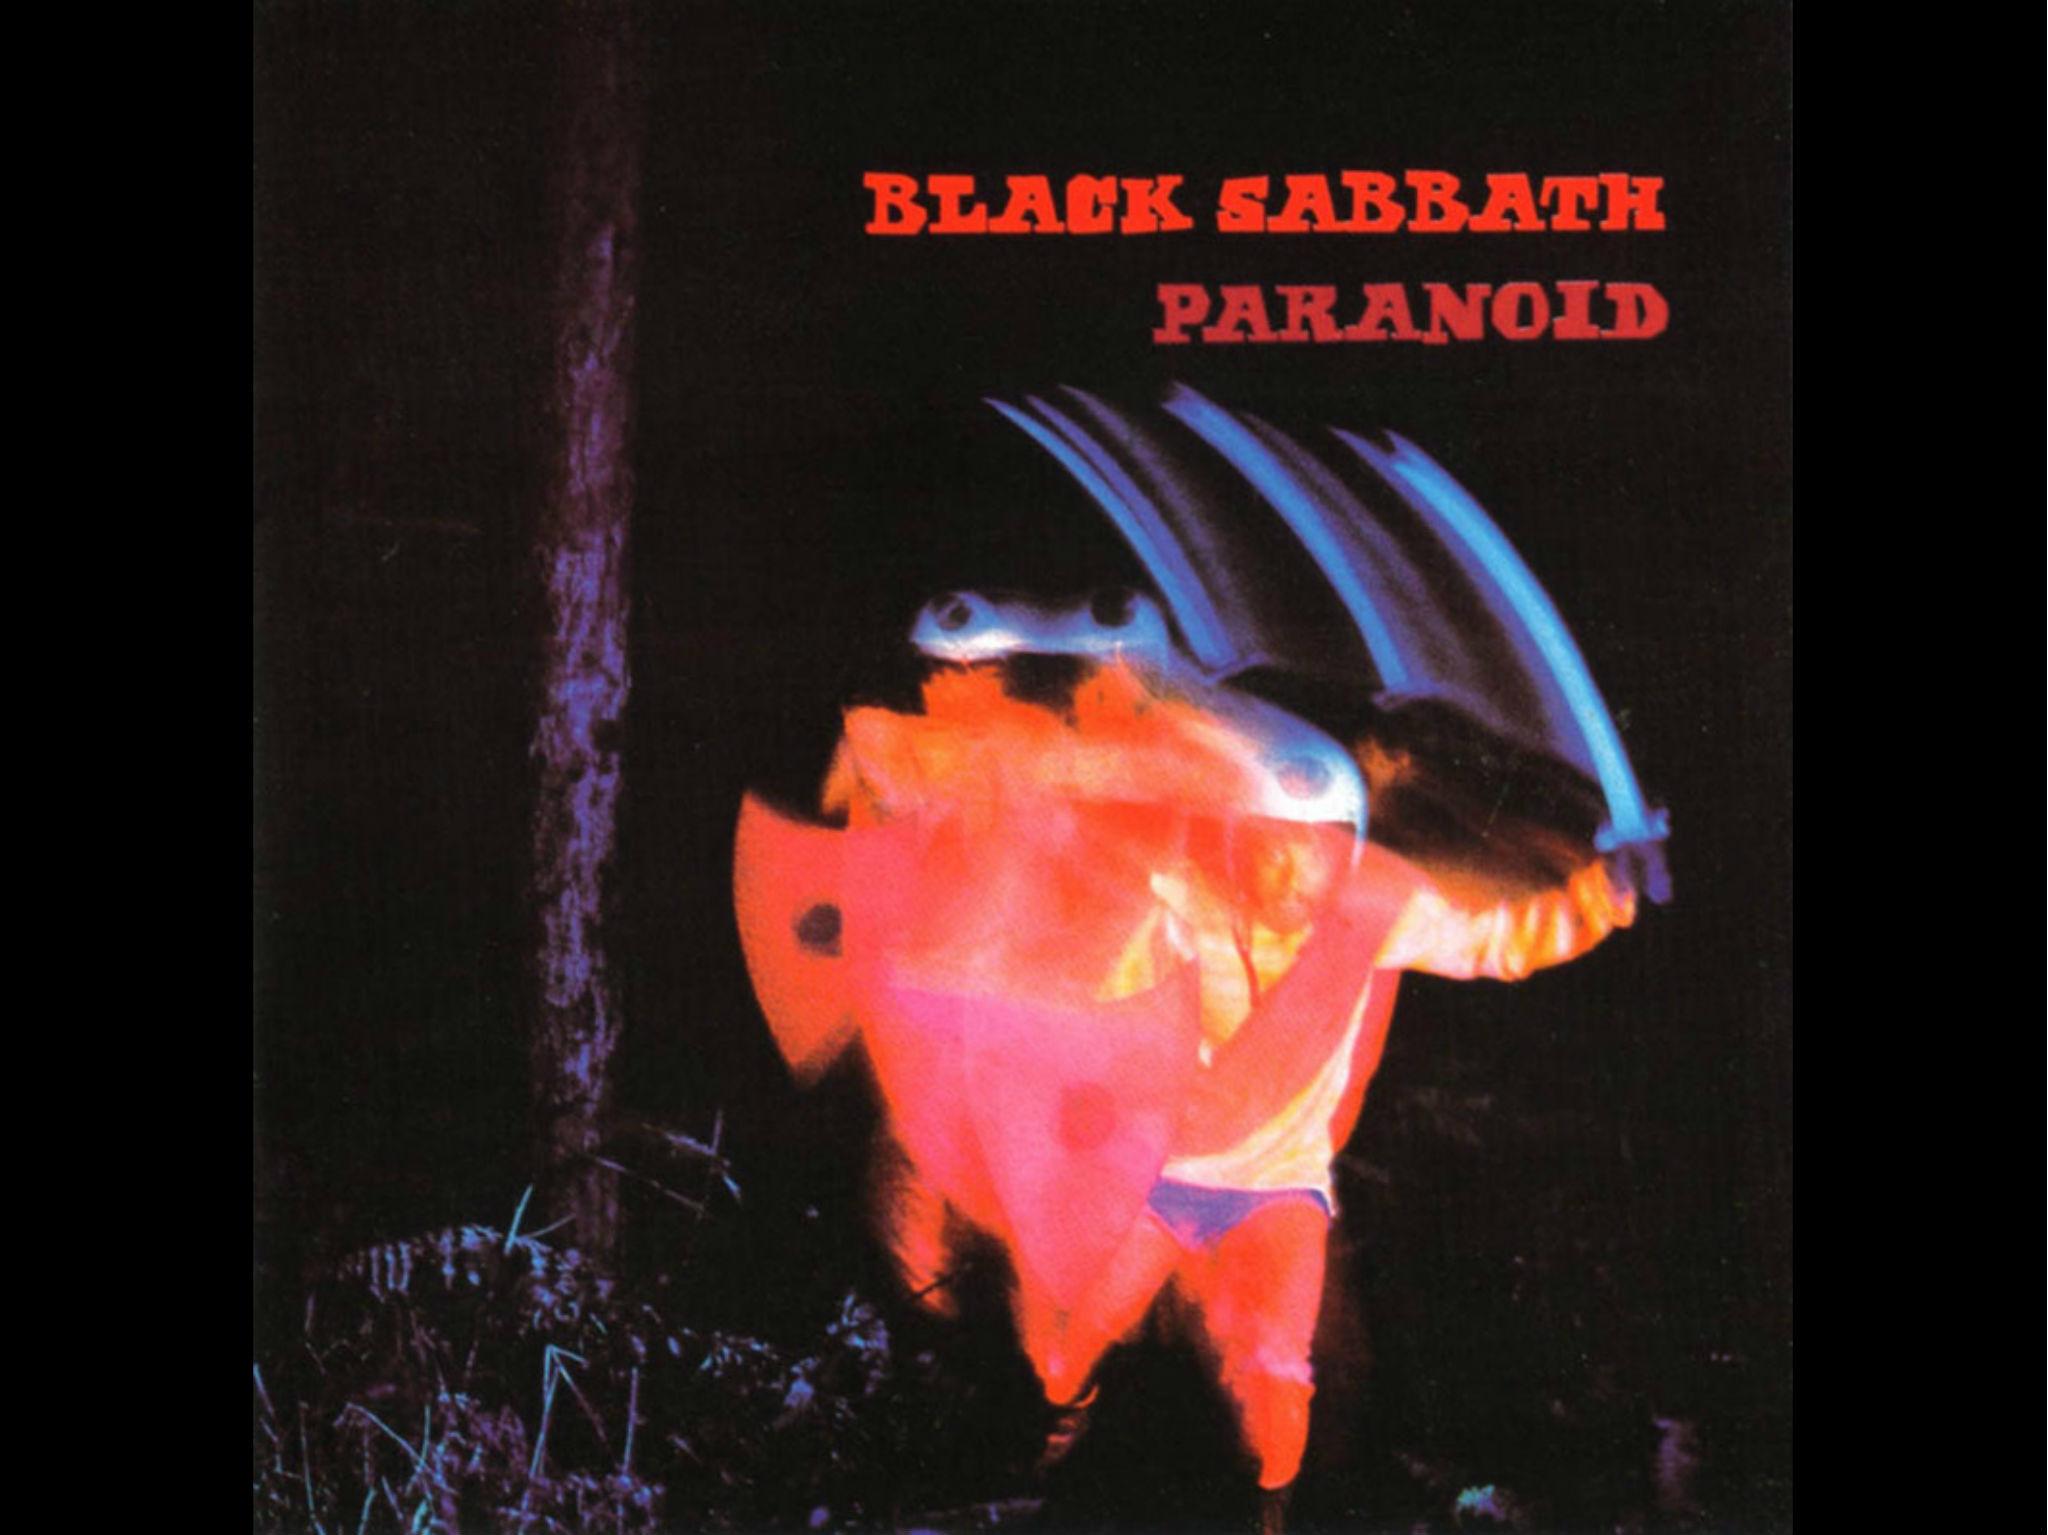 Paranoid, 1970